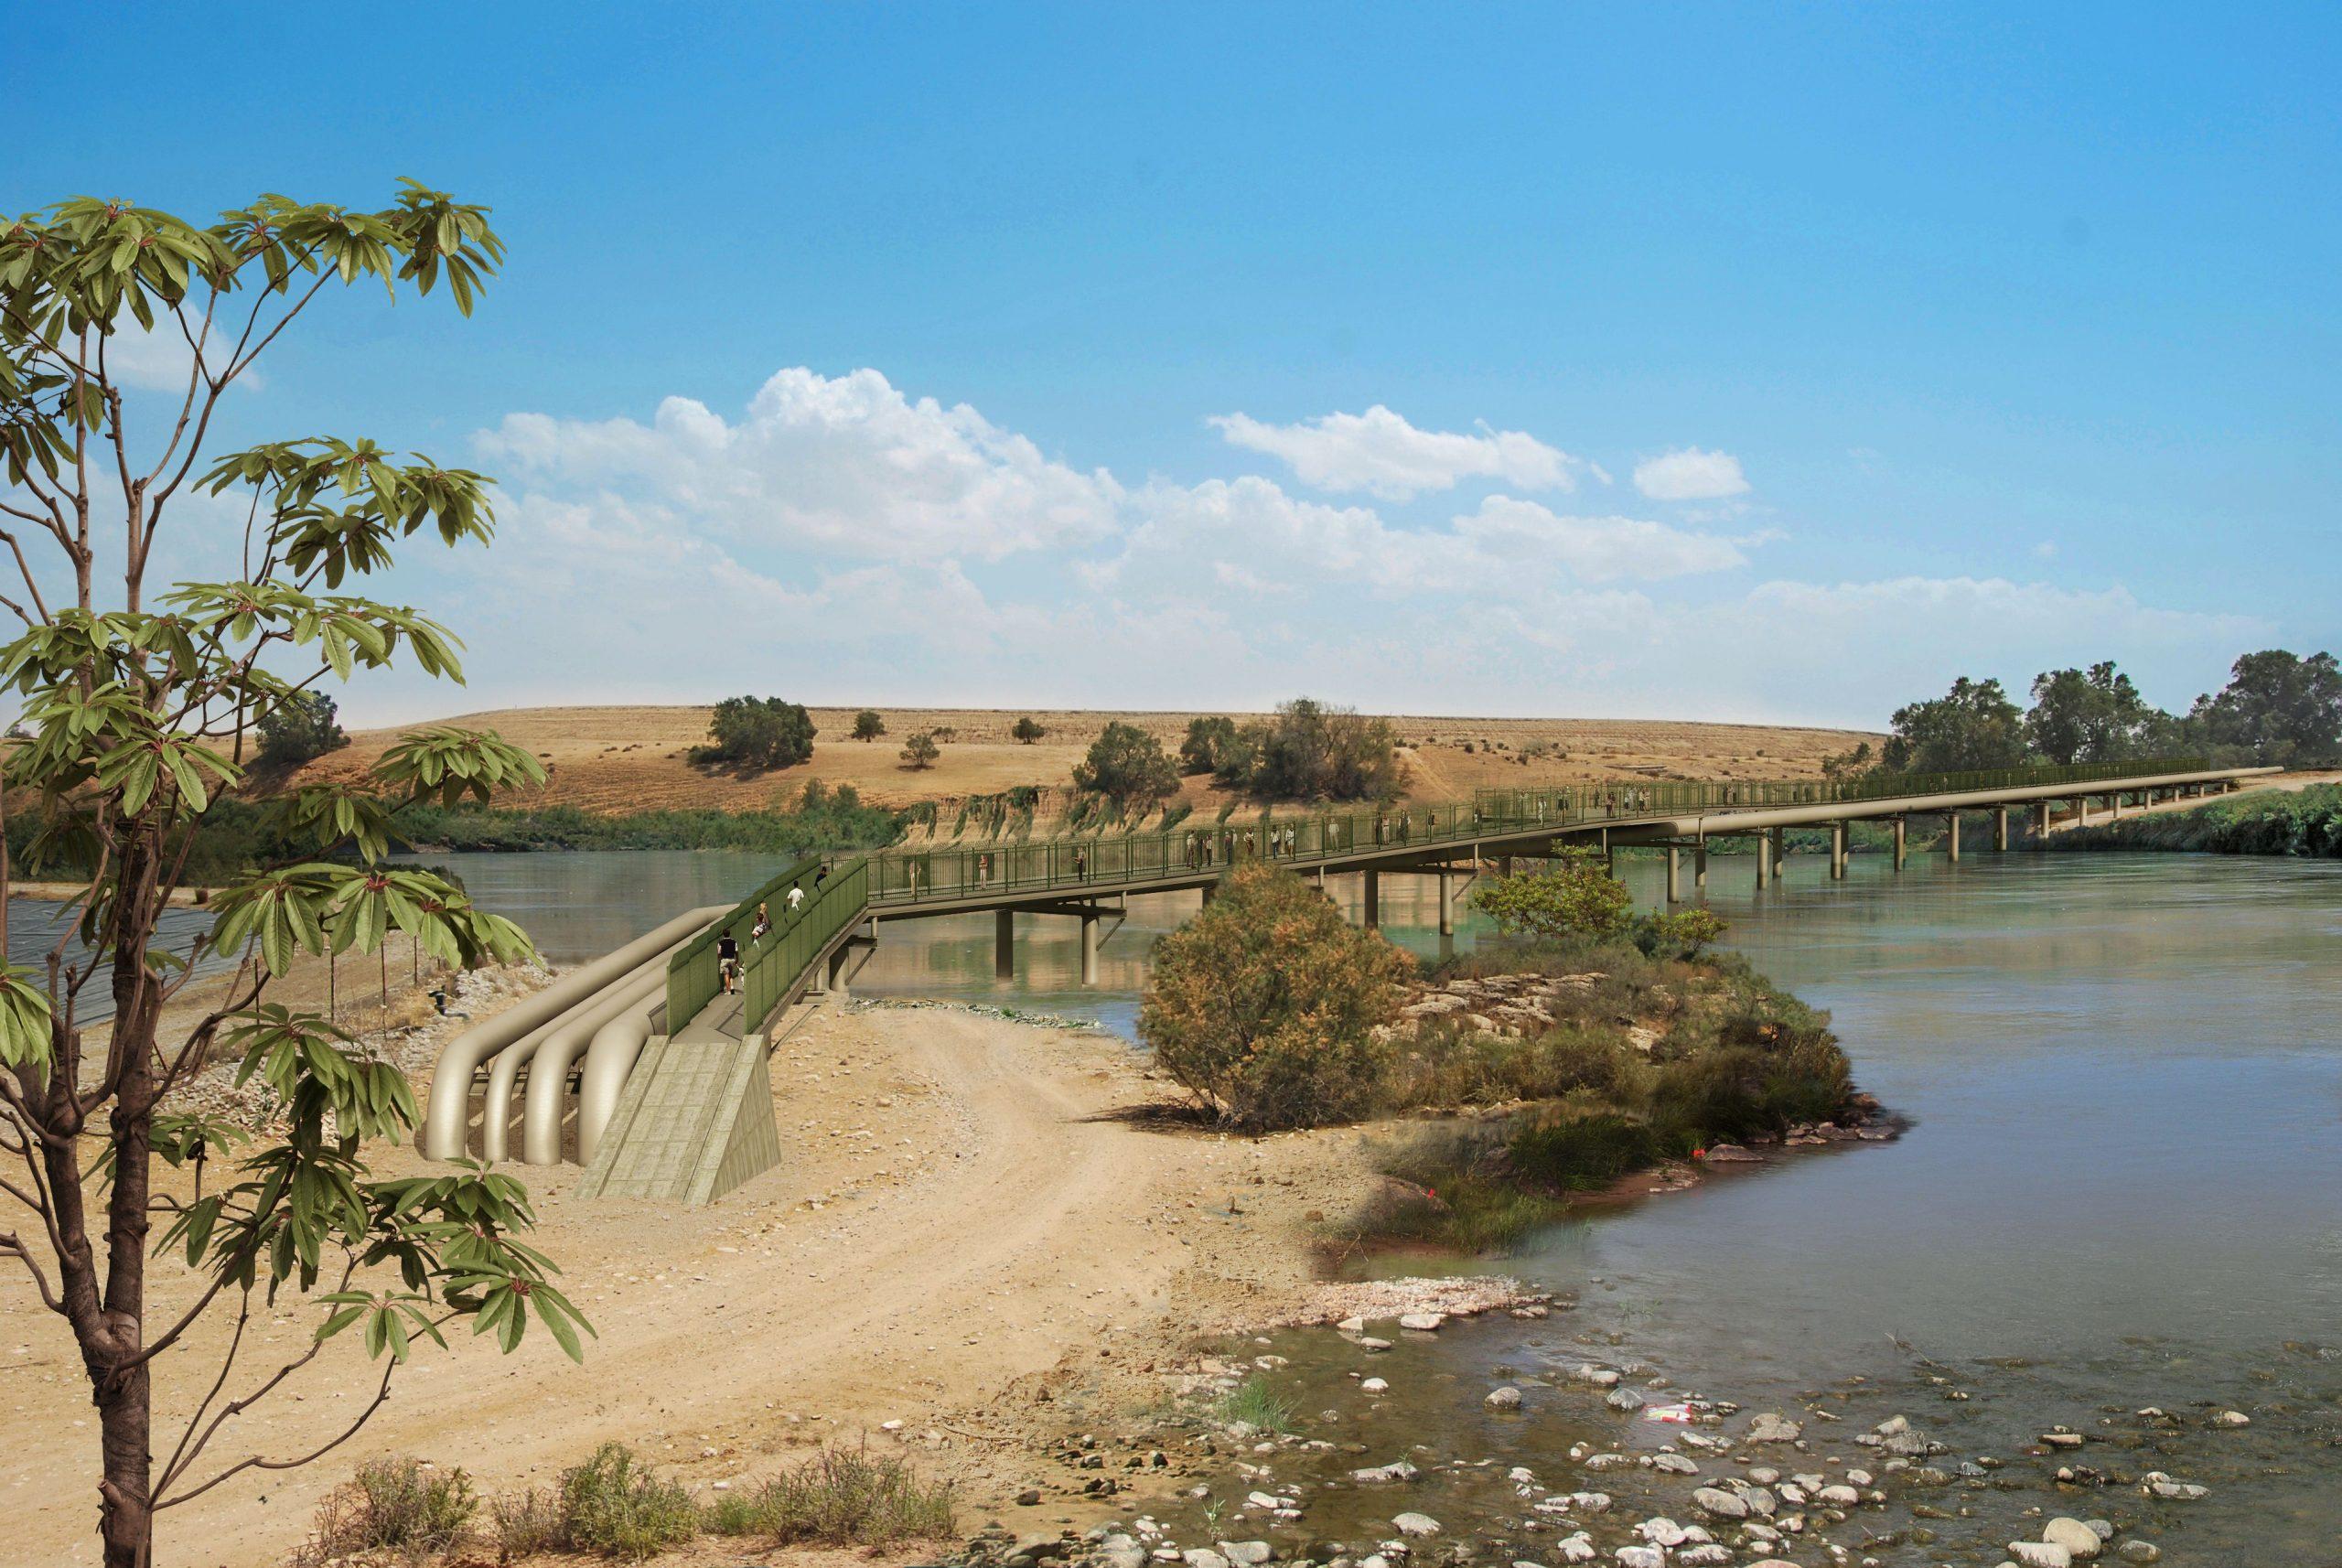 גשר הצינורות בנחל הבשור